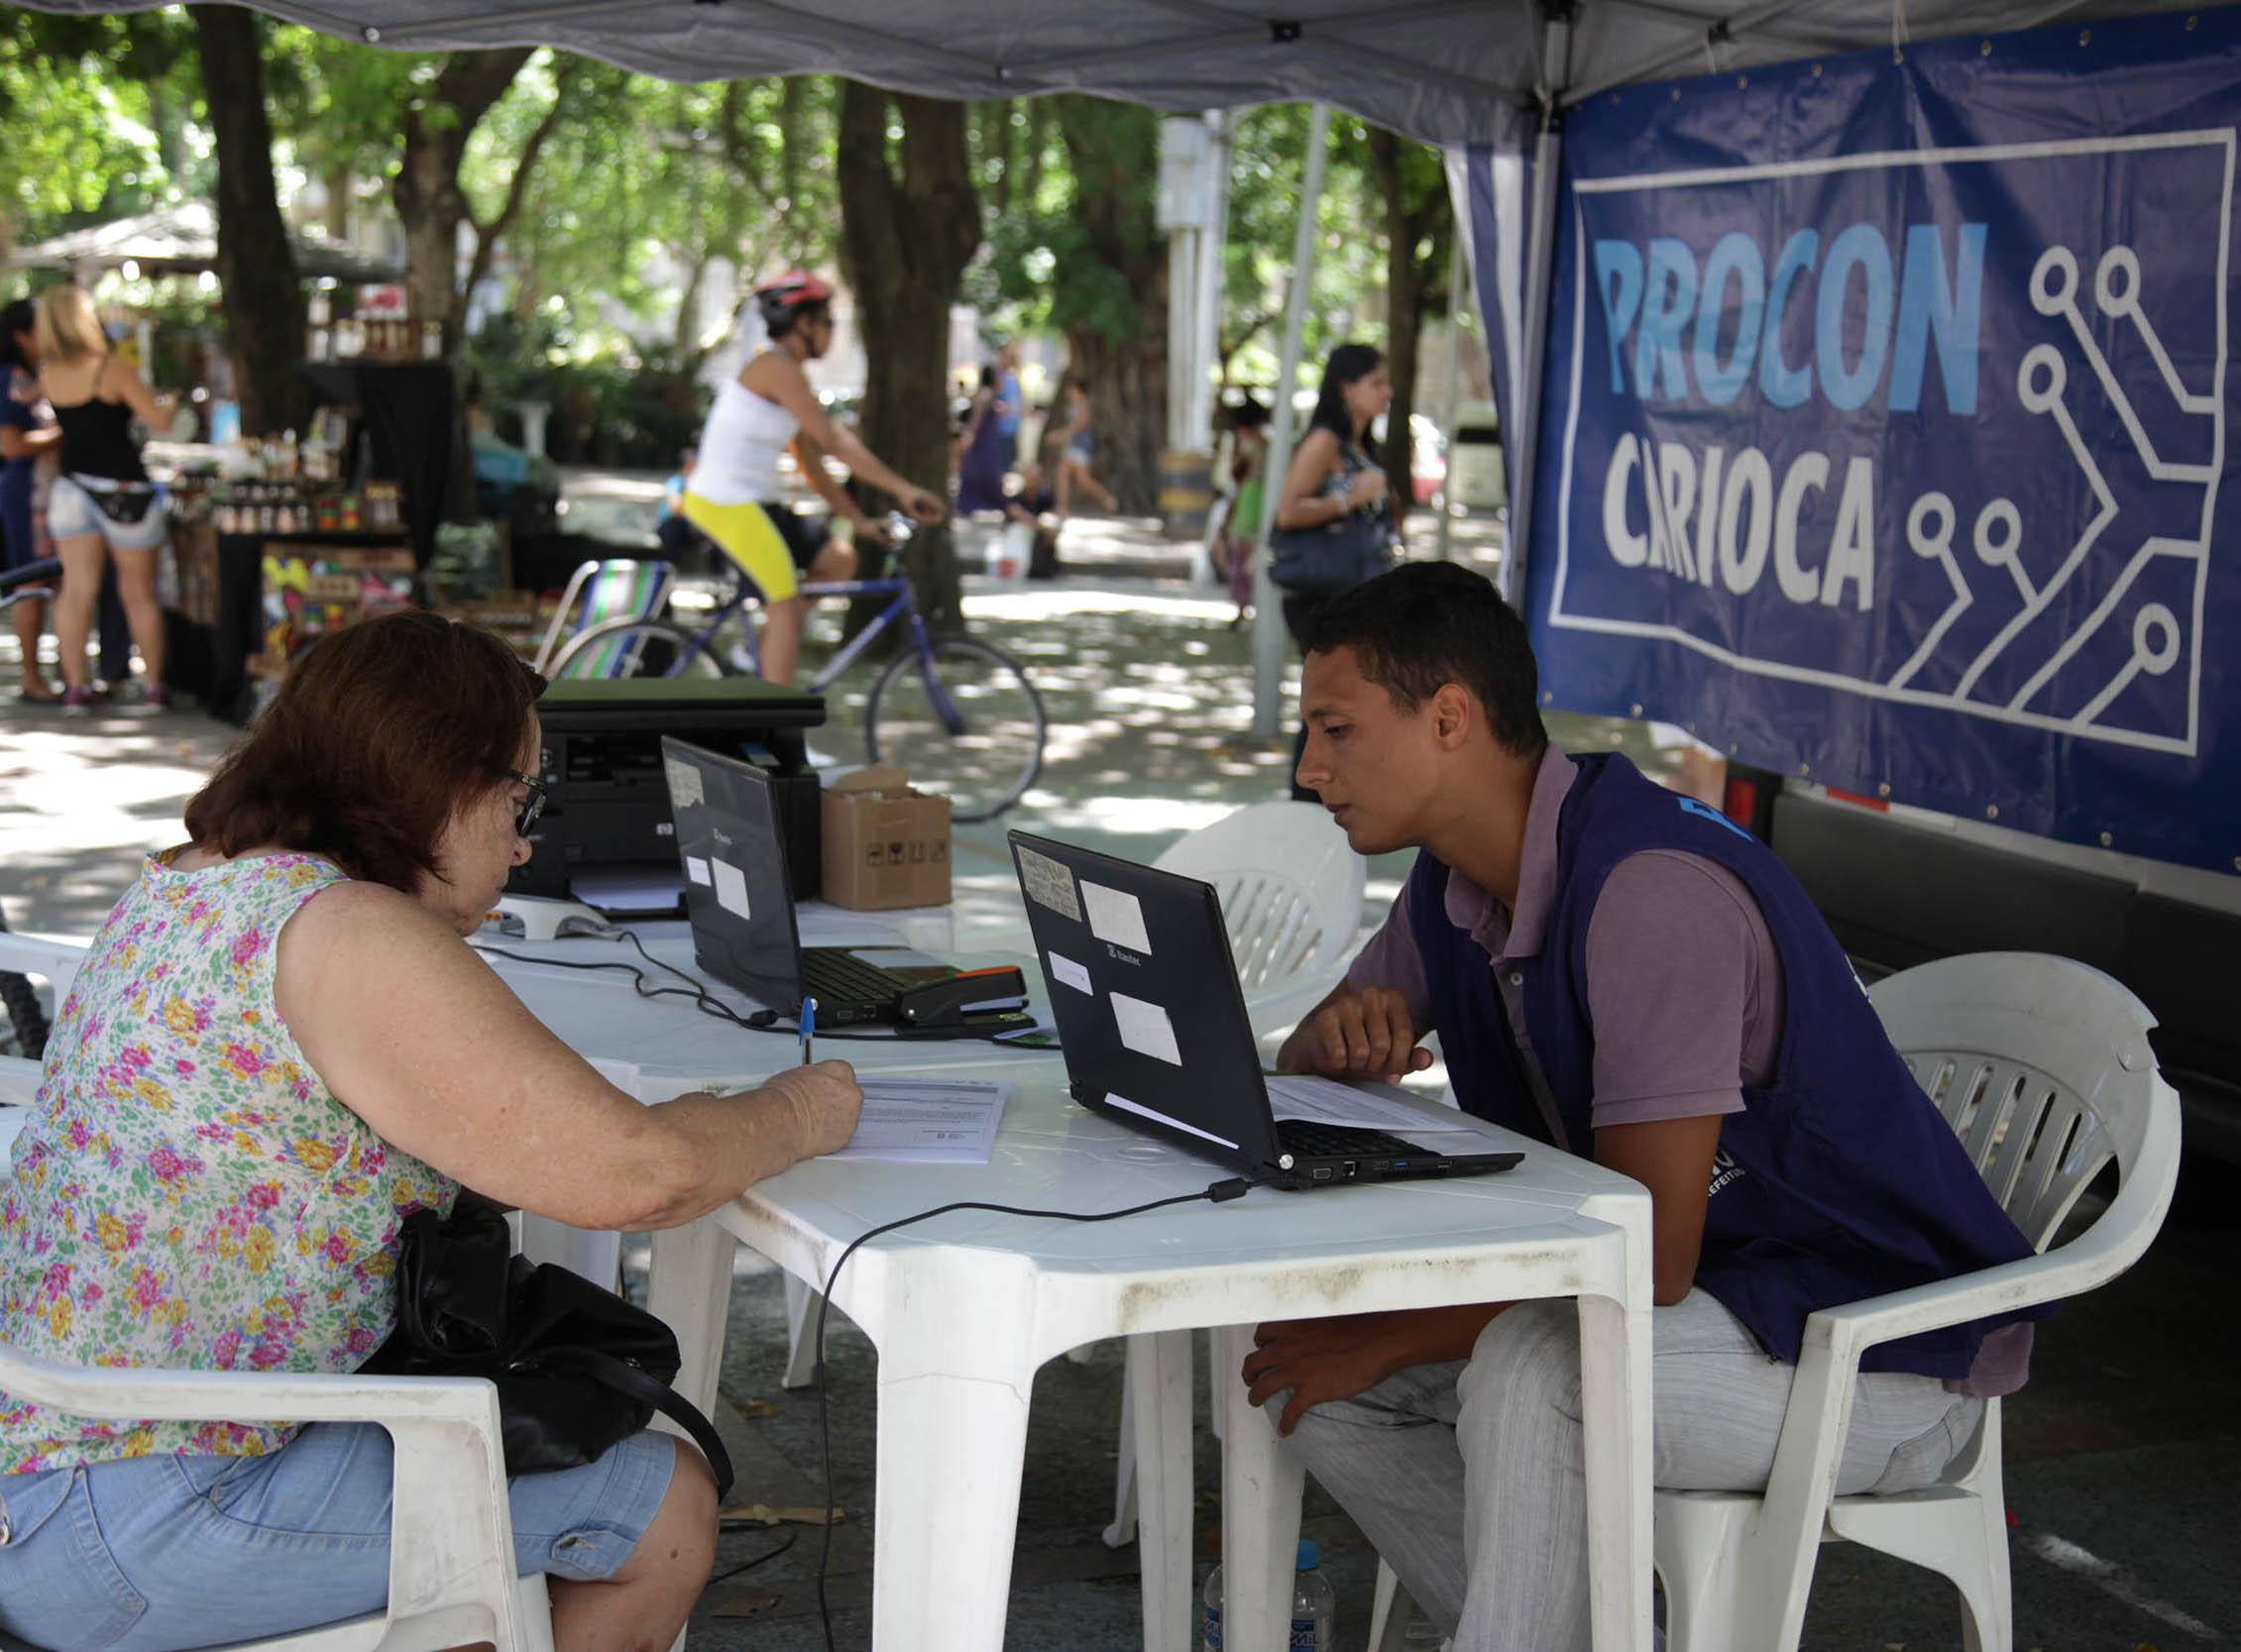 Procon Carioca nos Bairros atende esta semana no Largo do Machado e Vila Isabel